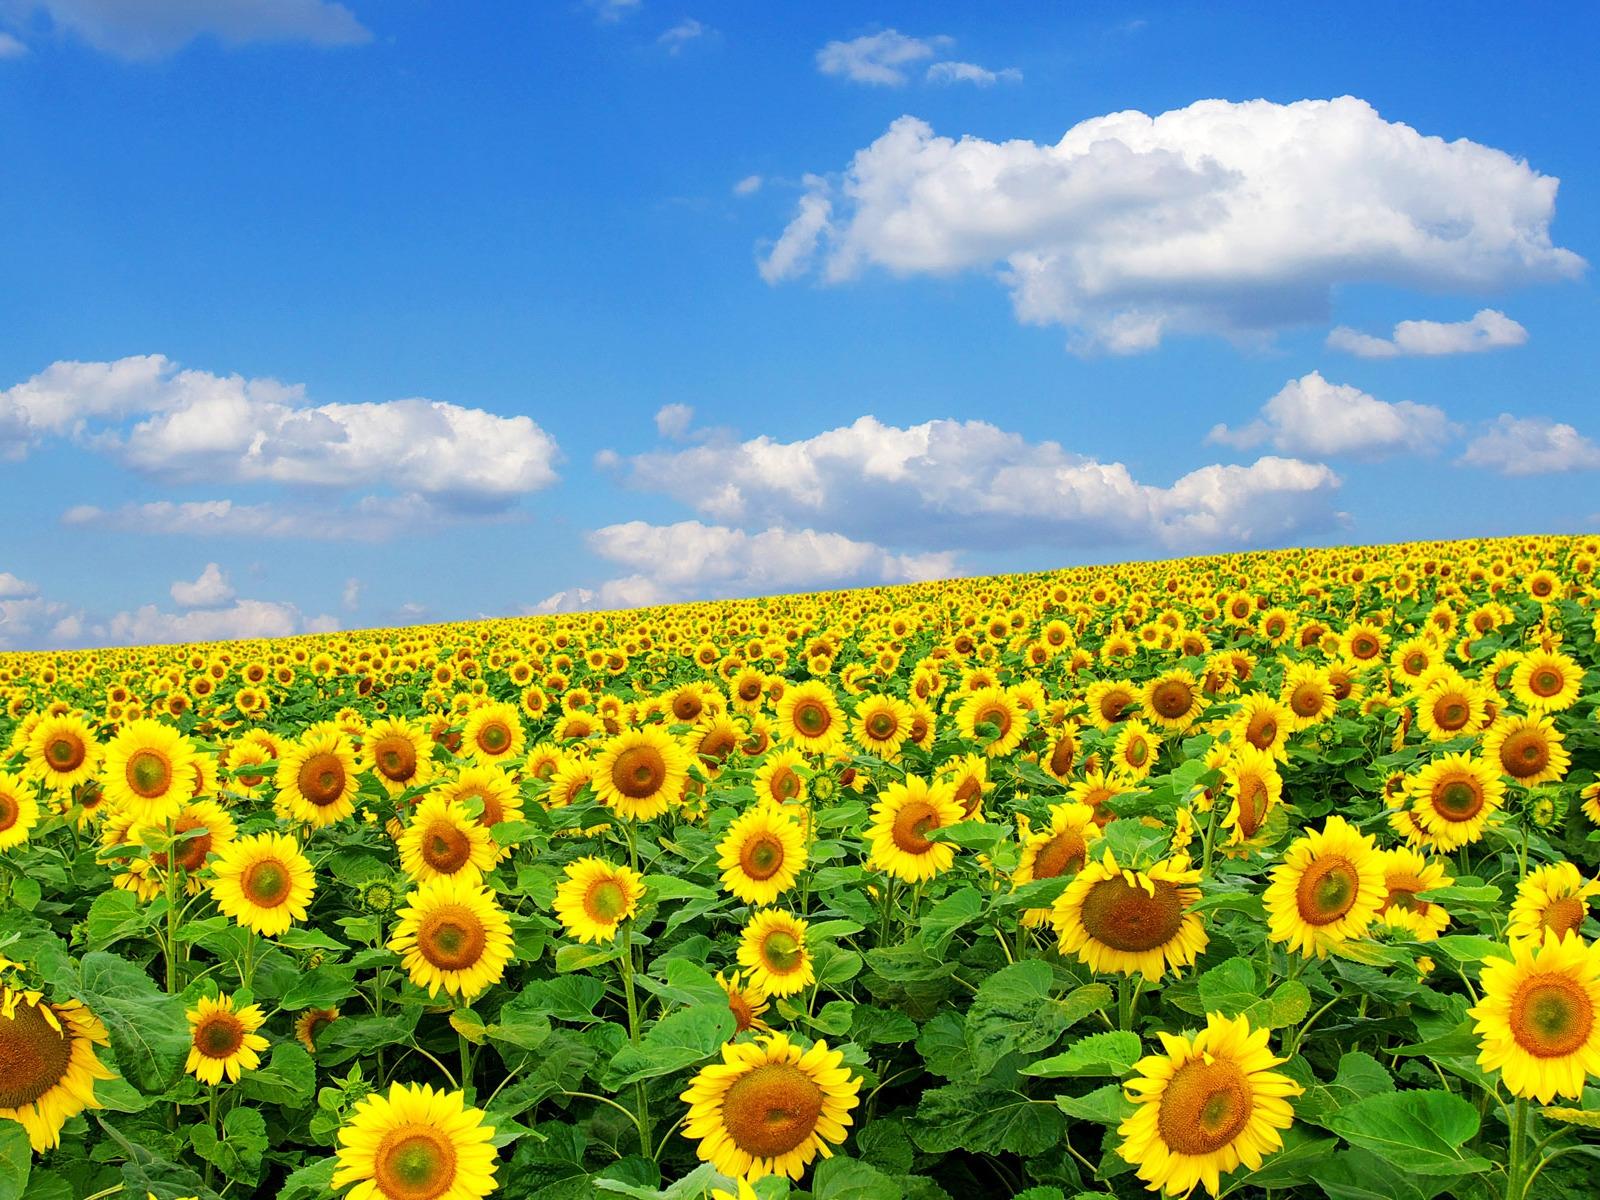 xem ảnh vườn hoa hướng dương